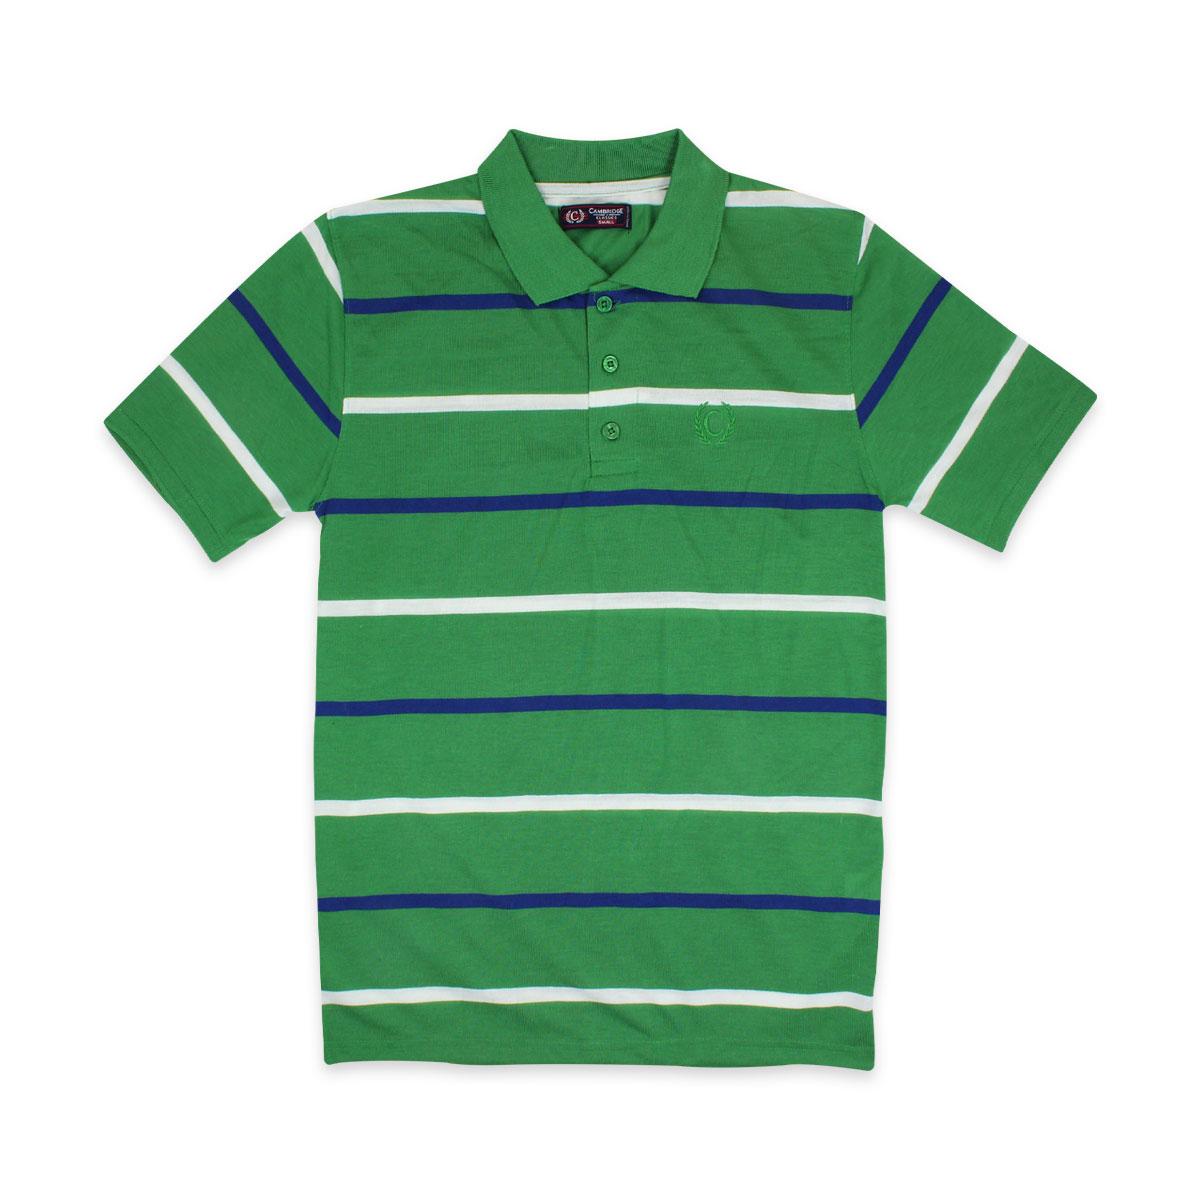 Camisas-Polo-Para-Hombre-A-Rayas-Pique-Con-Cuello-camiseta-Camiseta-Manga-Corta-De-Verano-S-M-L-XL miniatura 22